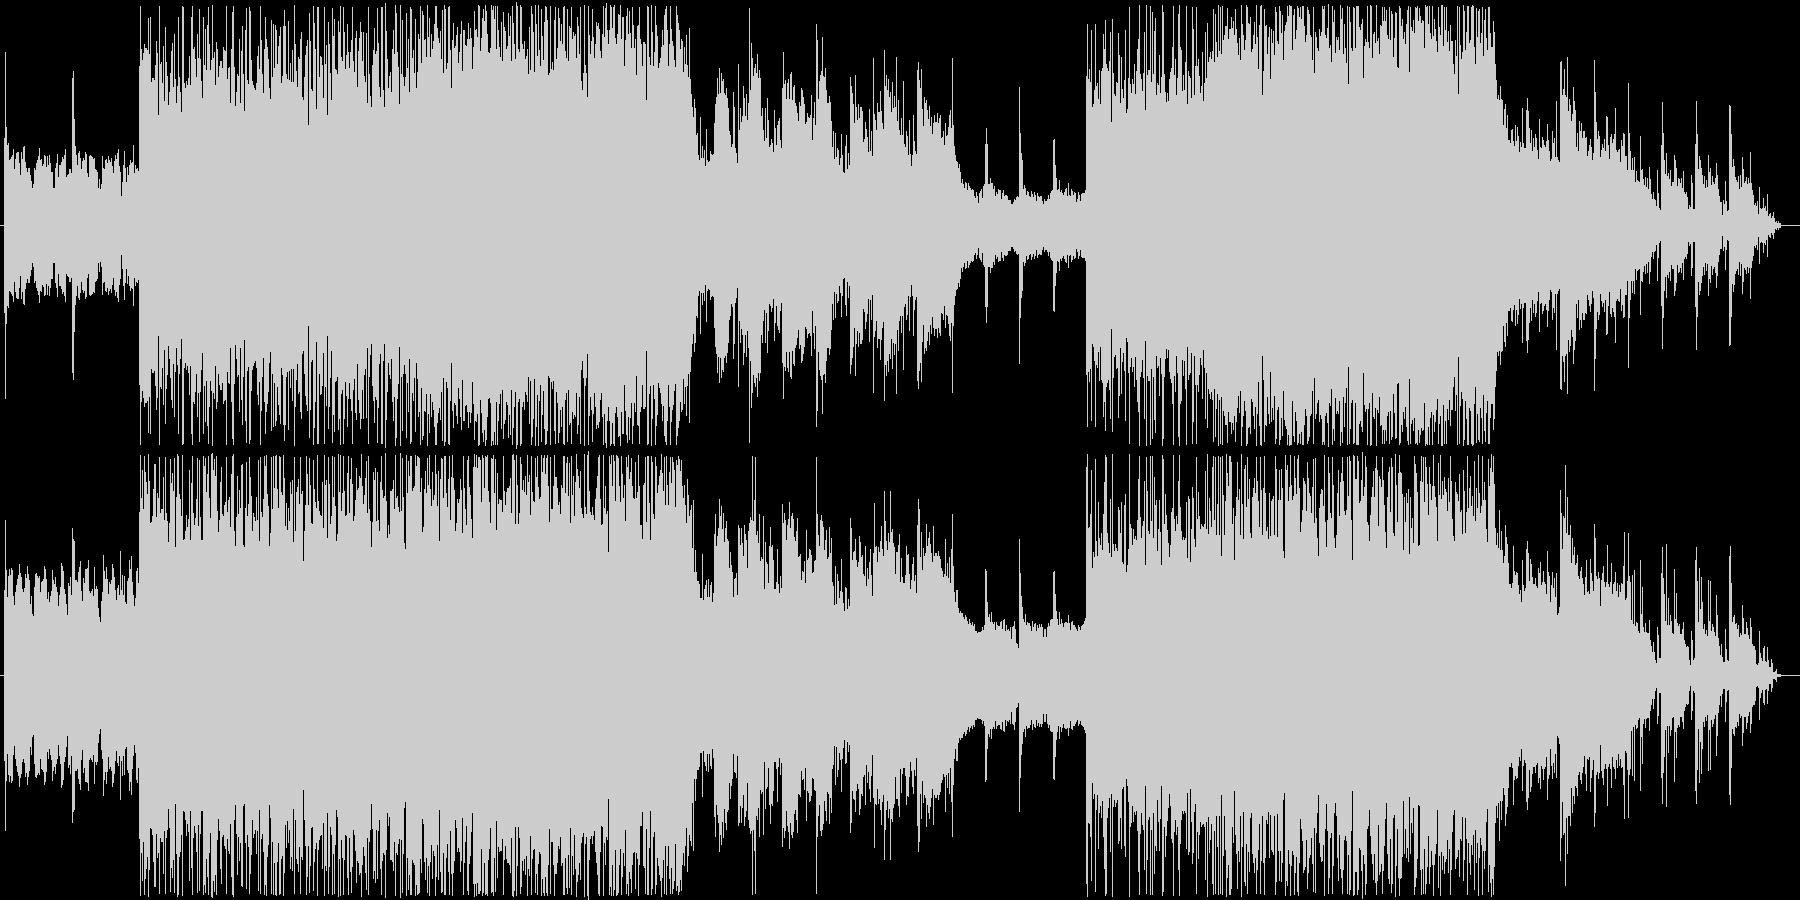 ビックビートを意識したインダストリアル系の未再生の波形